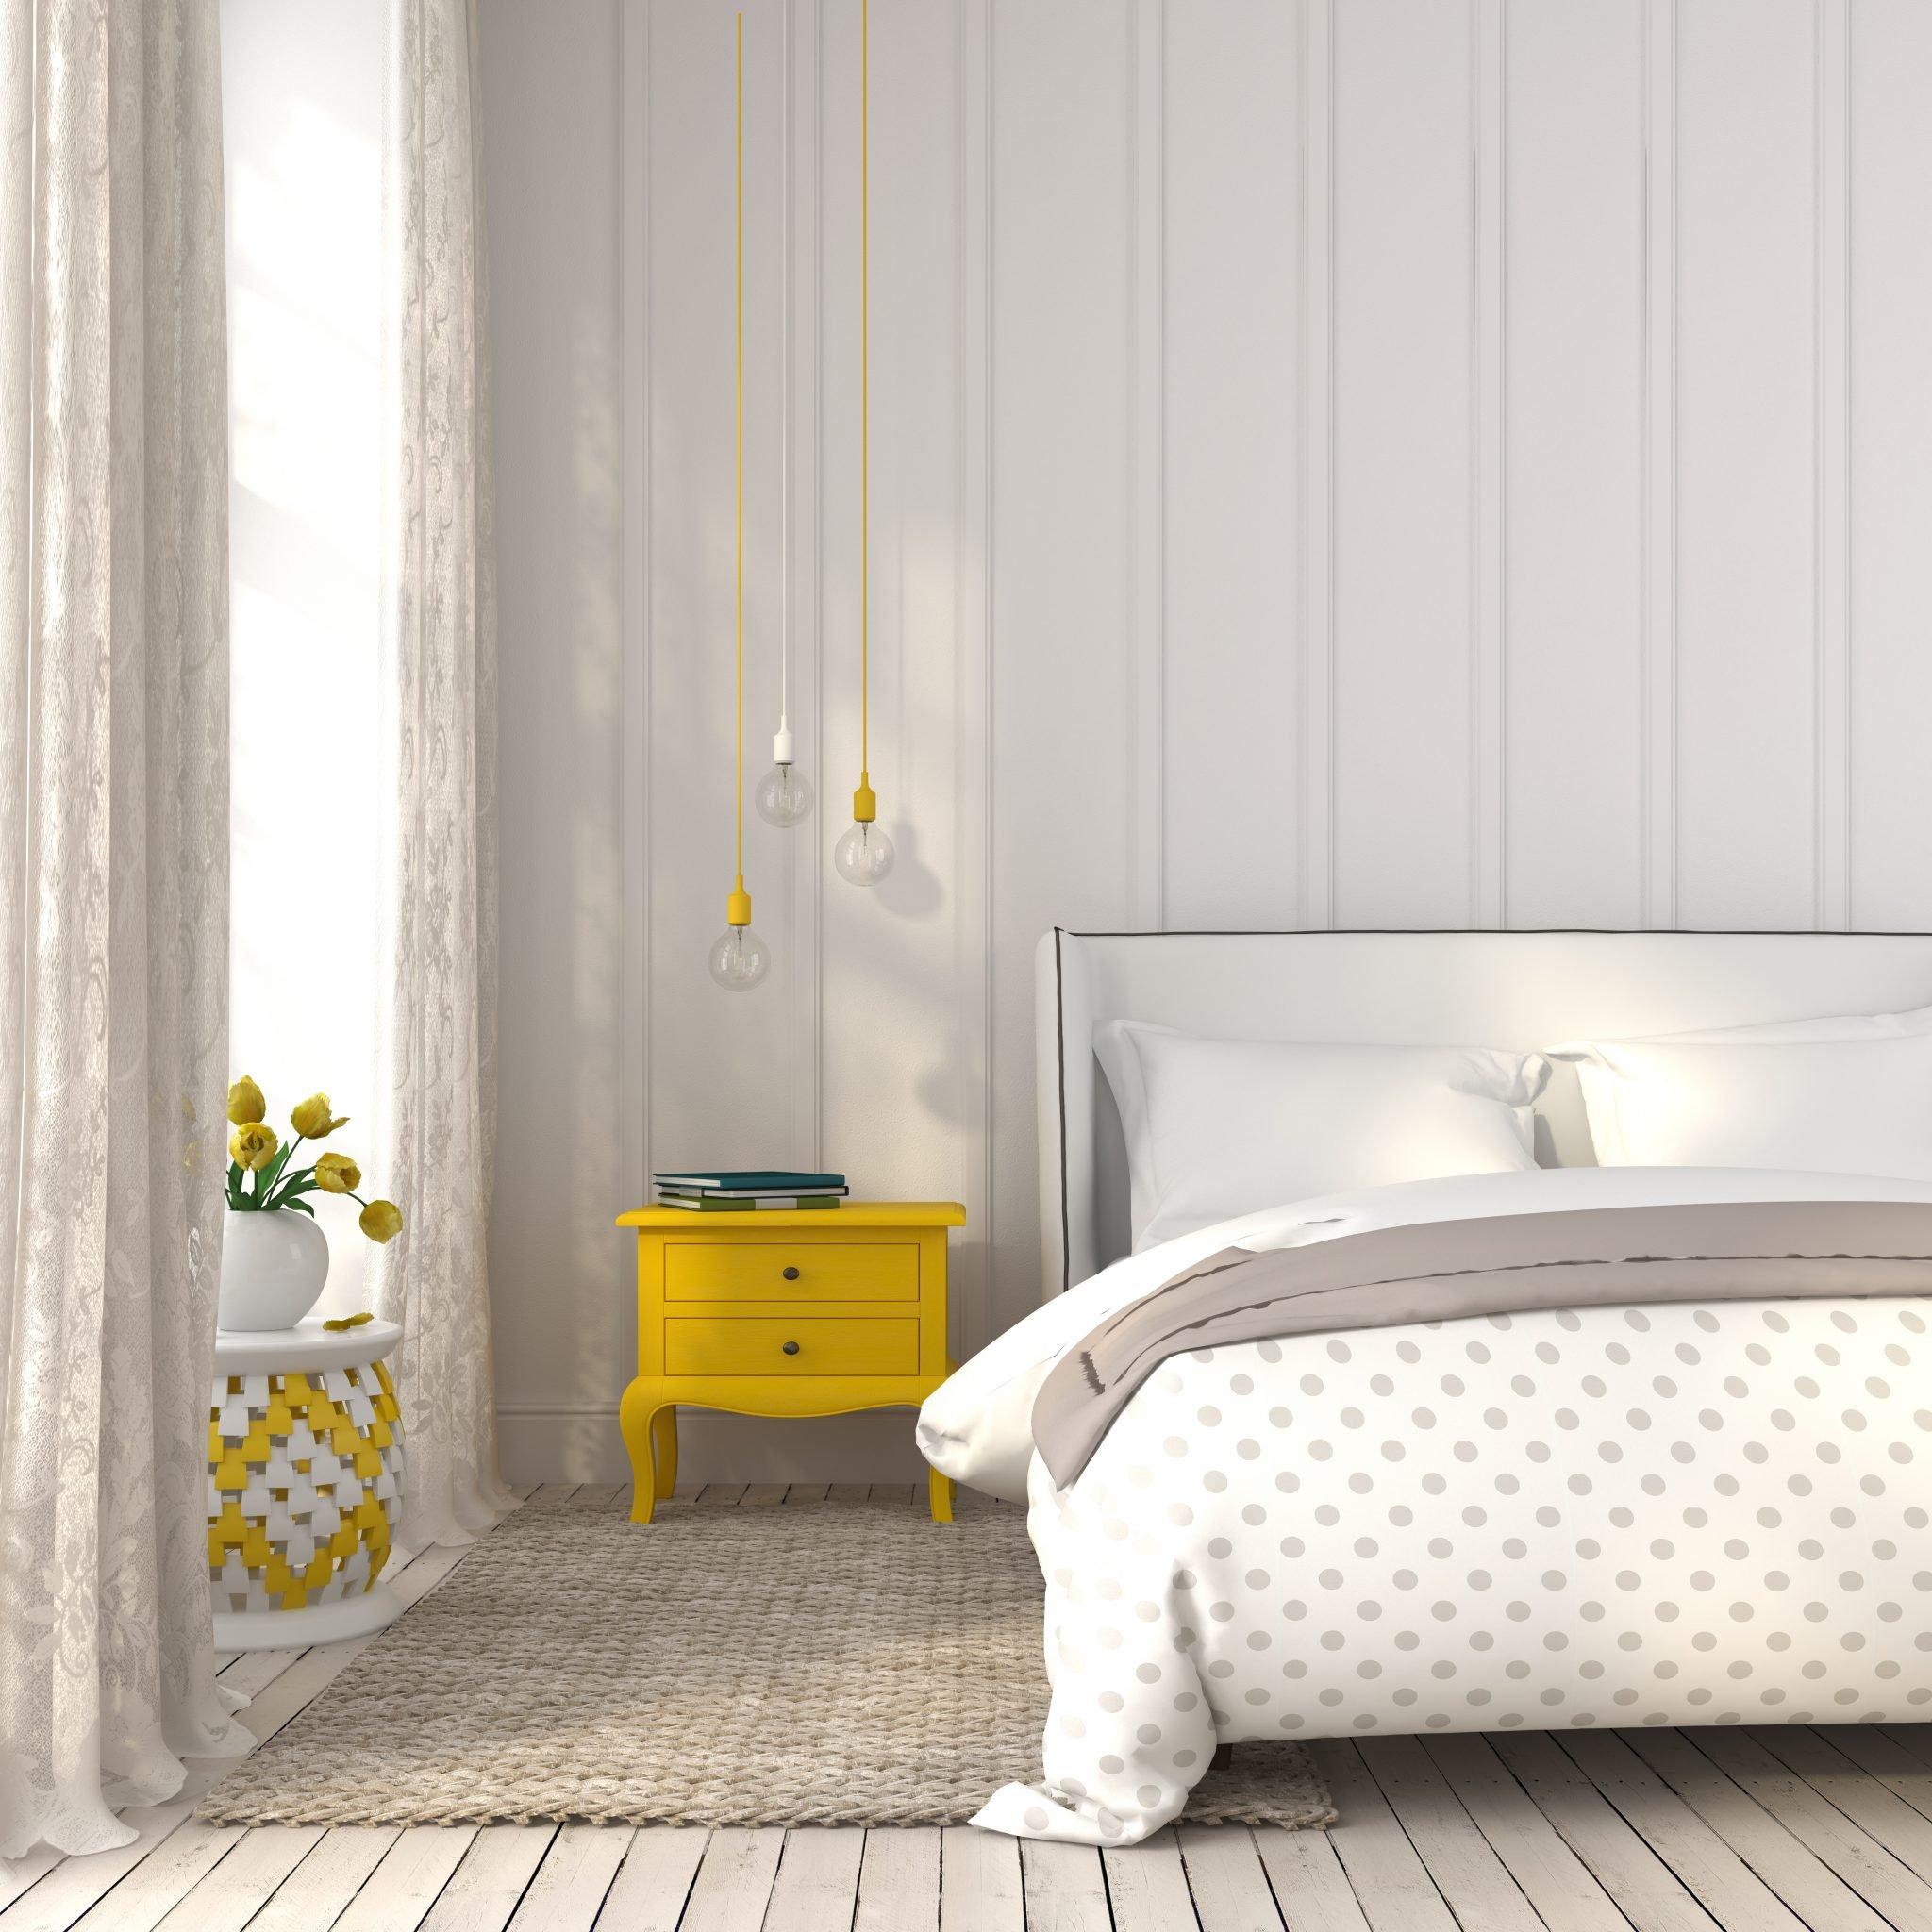 Best Mattress - Kelowna Bed | Majestic Mattress